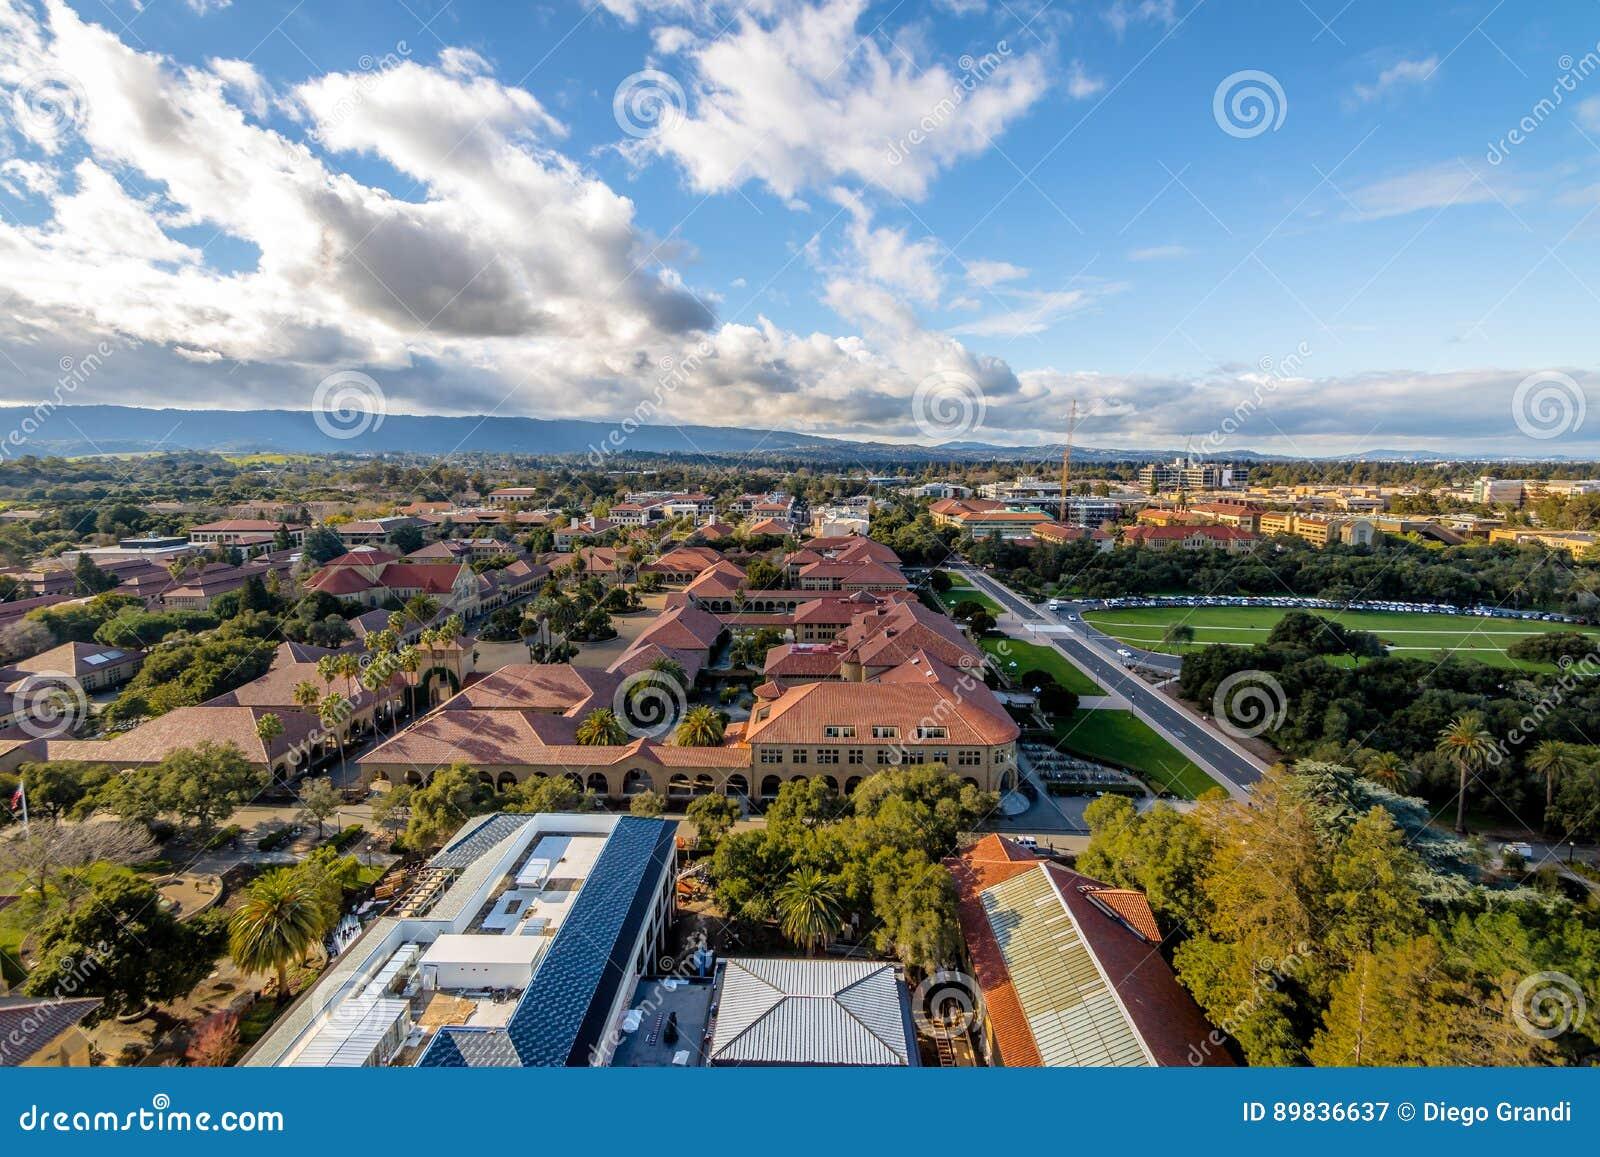 Vista aerea di Stanford University Campus - Palo Alto, California, U.S.A.